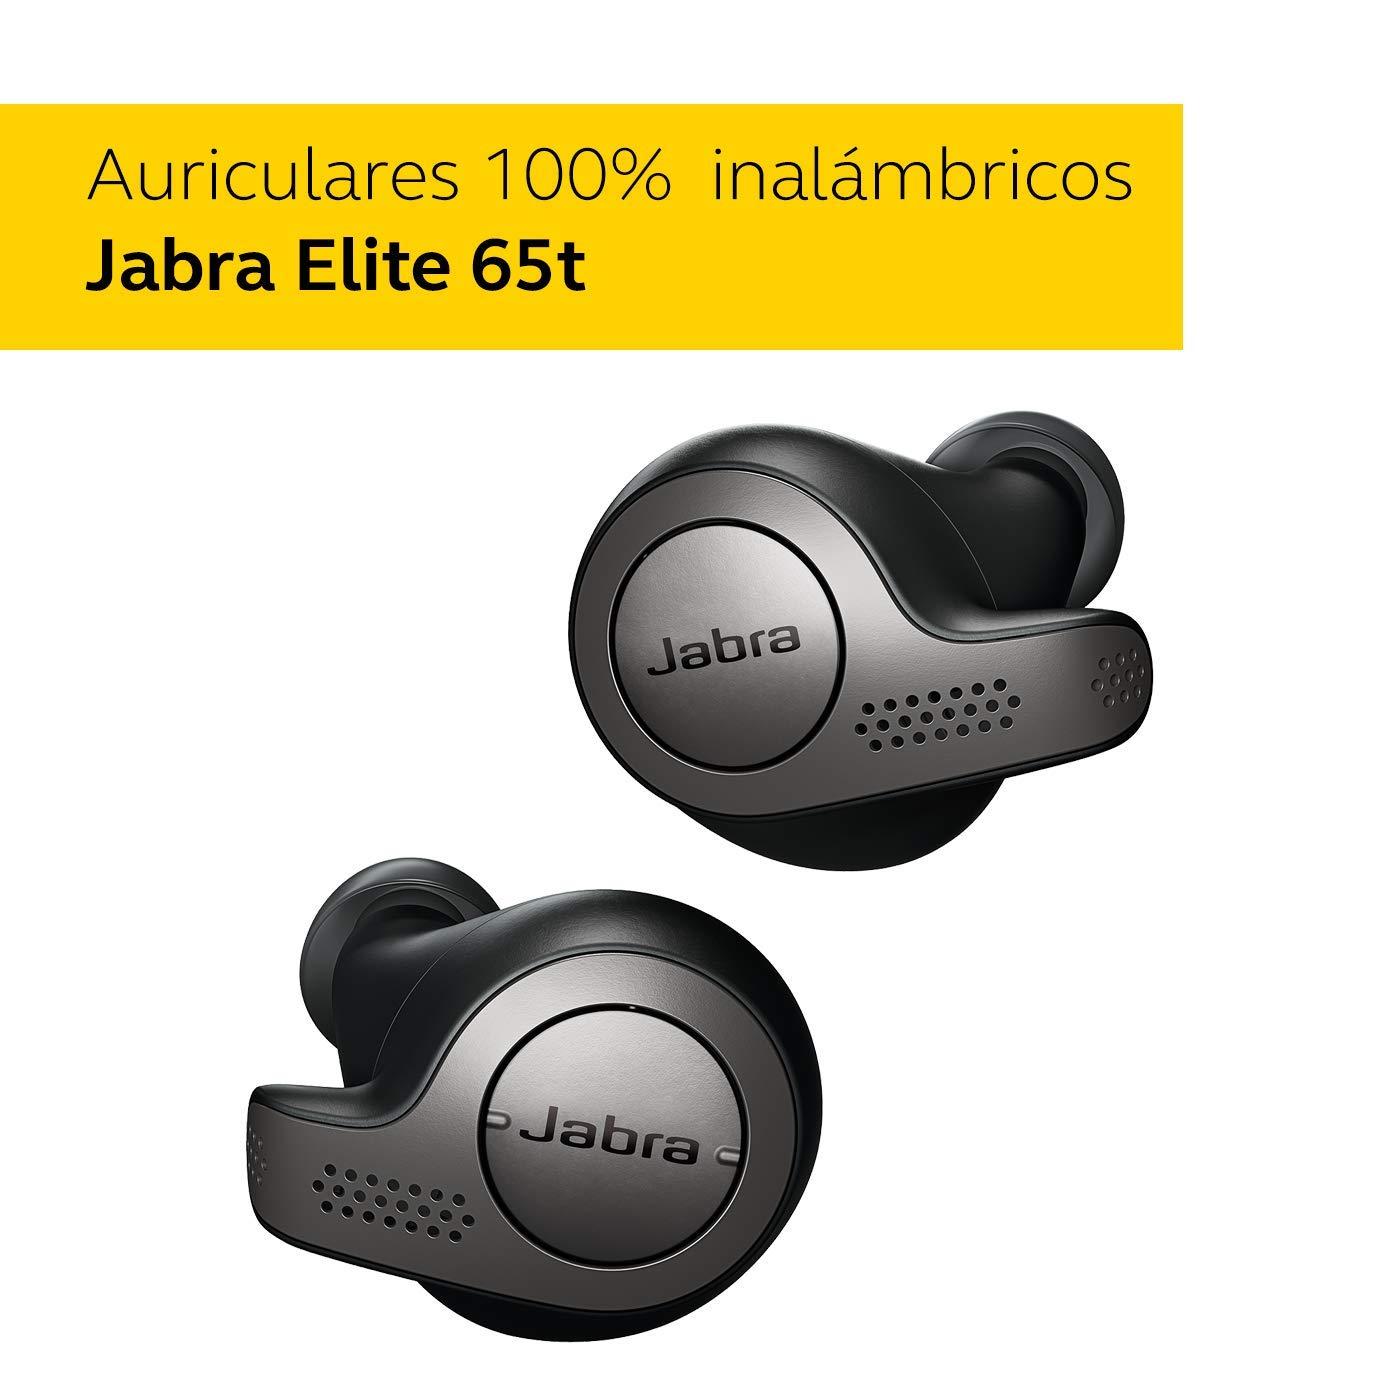 Jabra Elite 65t - Auriculares inalámbricos (Bluetooth 5.0, True Wireless) con Alexa integrada, Negro y Titanio